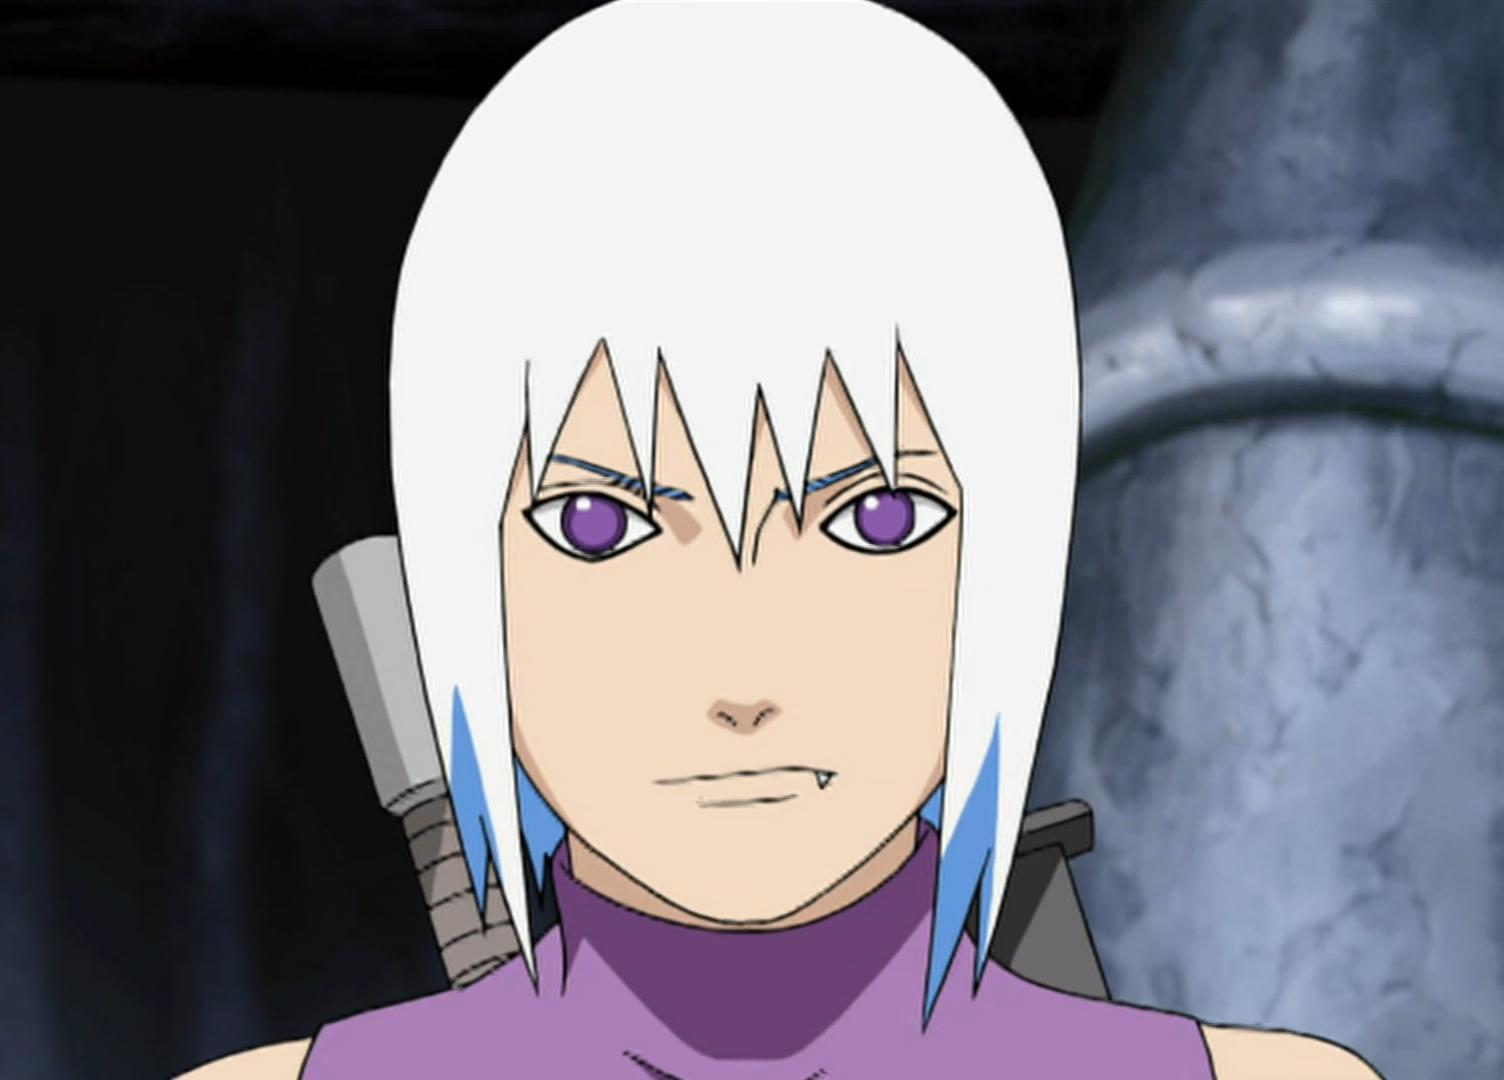 Suigetsu Hozuki | NarutoPedia | Fandom